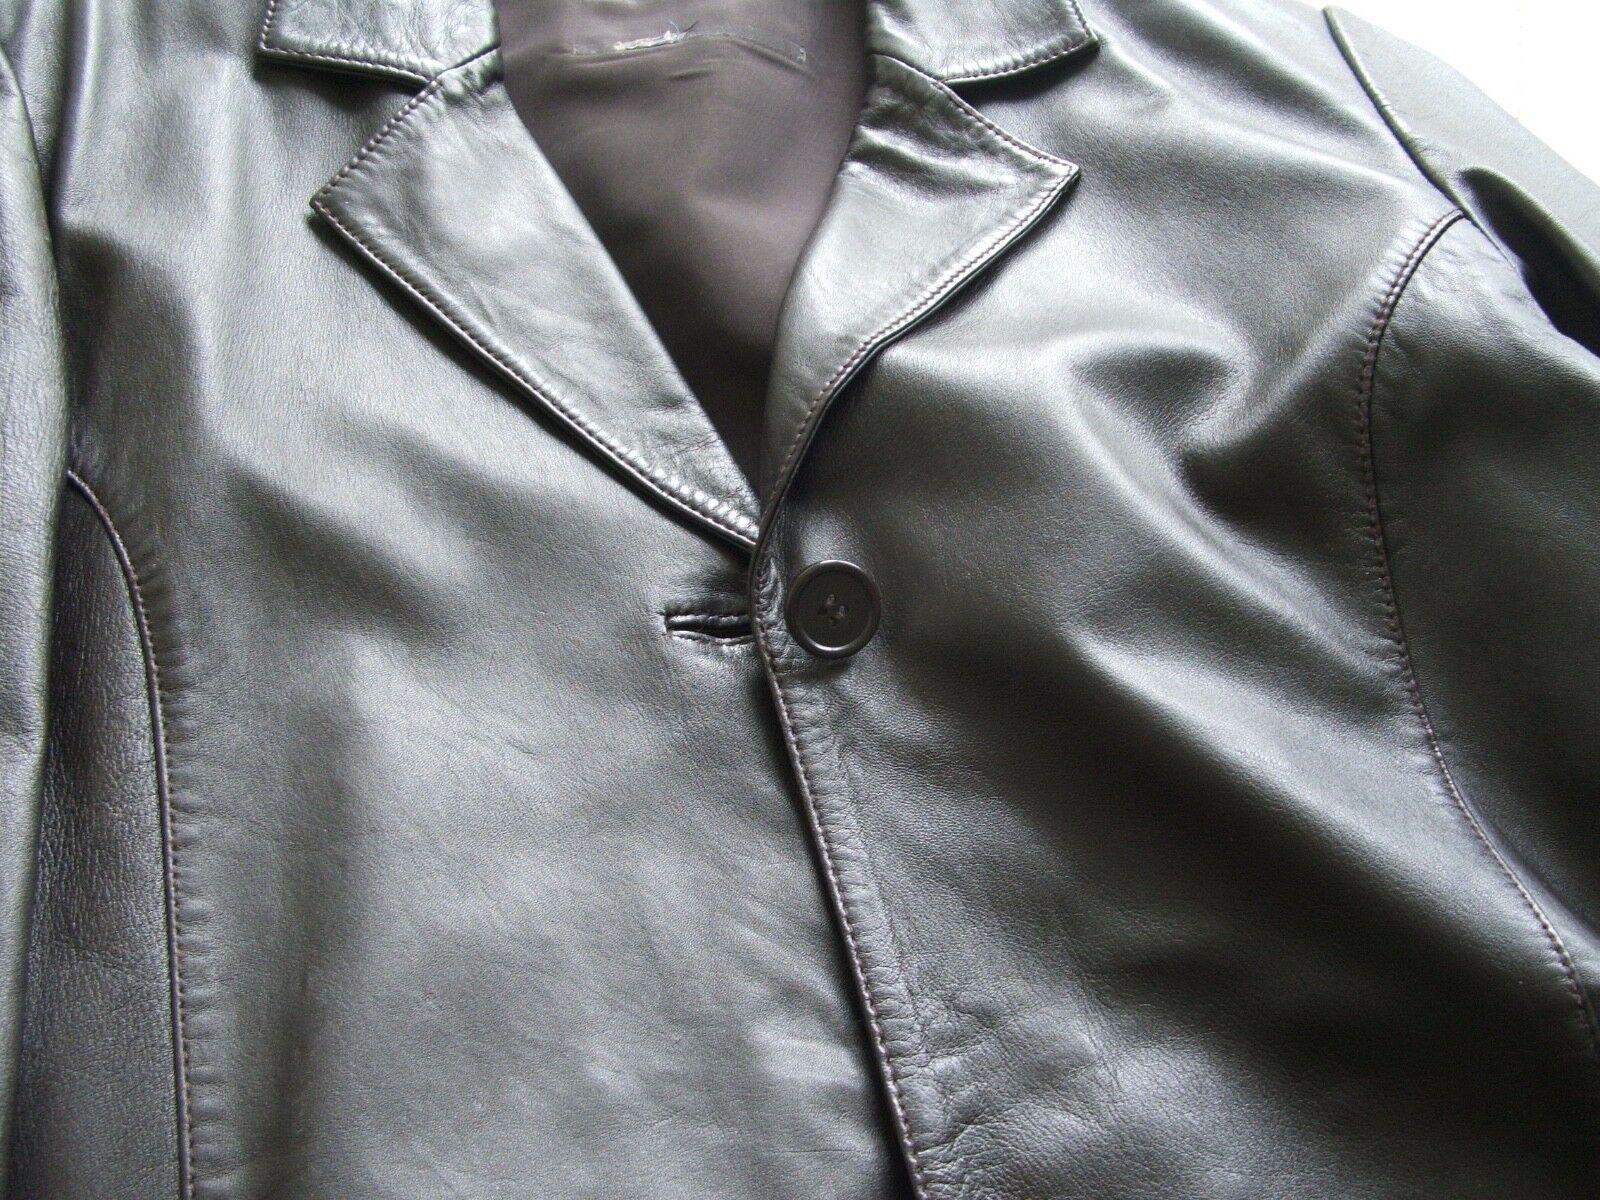 klassischer schwarzer gr 38 lederjacke ledermantel  damen jacken lederjacken c 1_9 #13